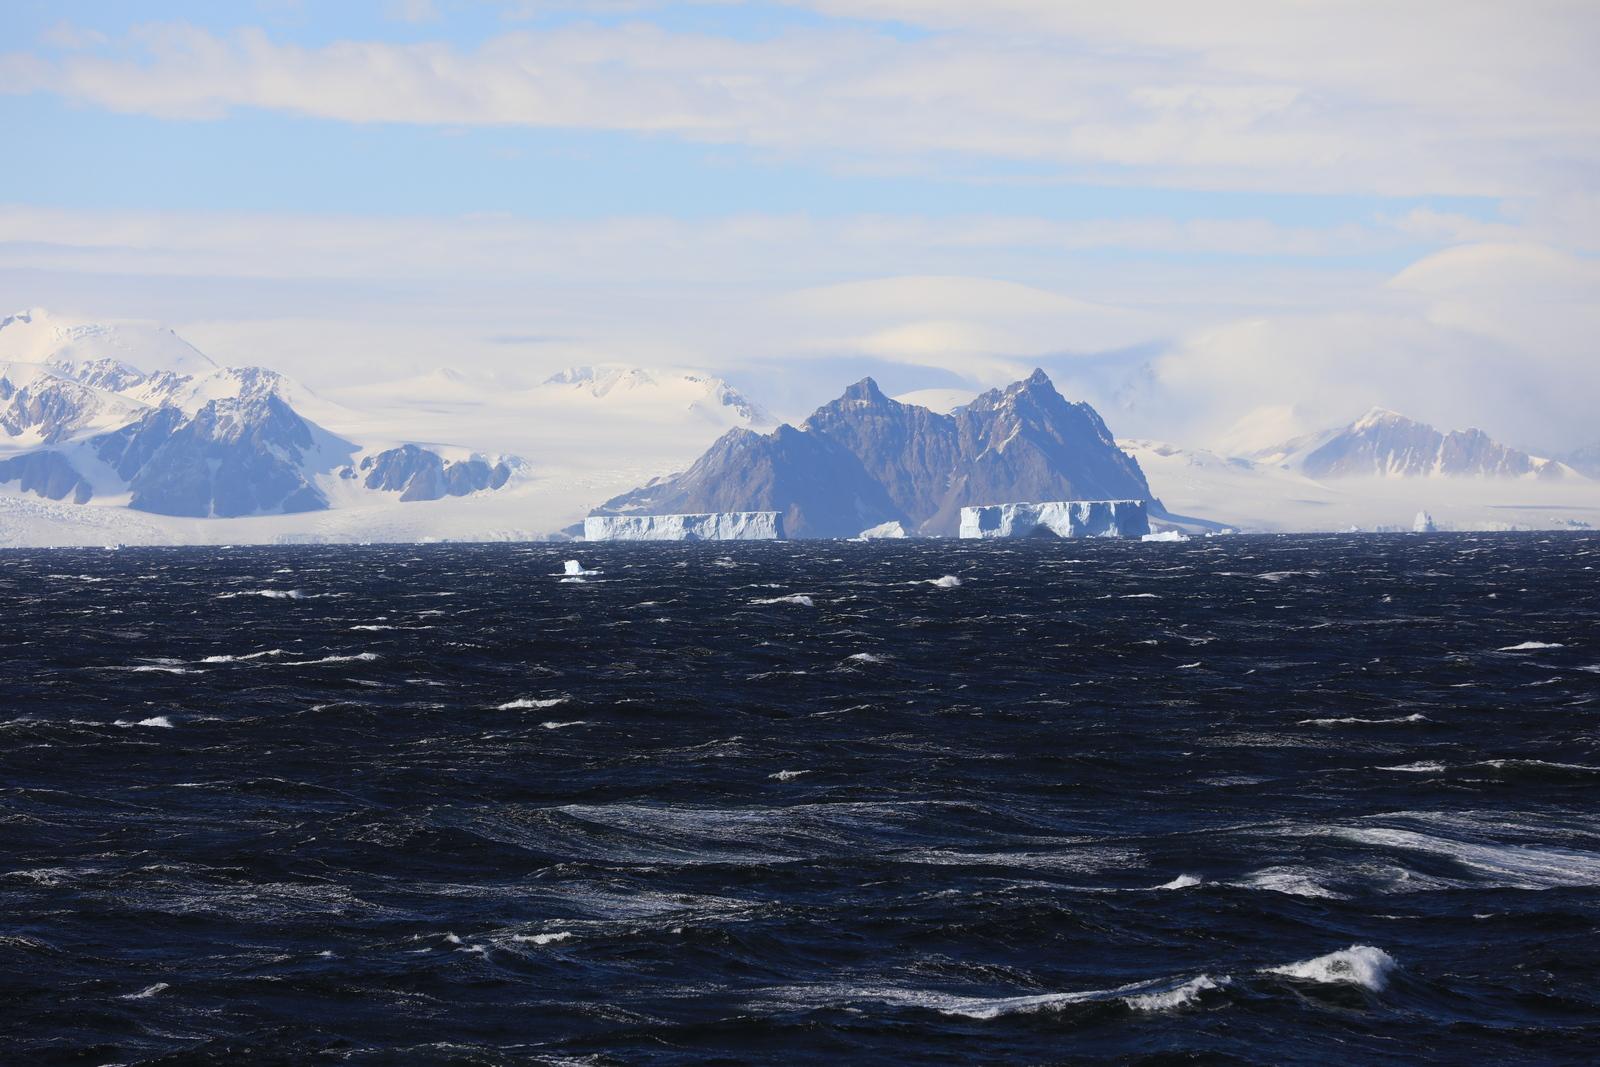 1702_Antarctique_02089_c_sm.jpg